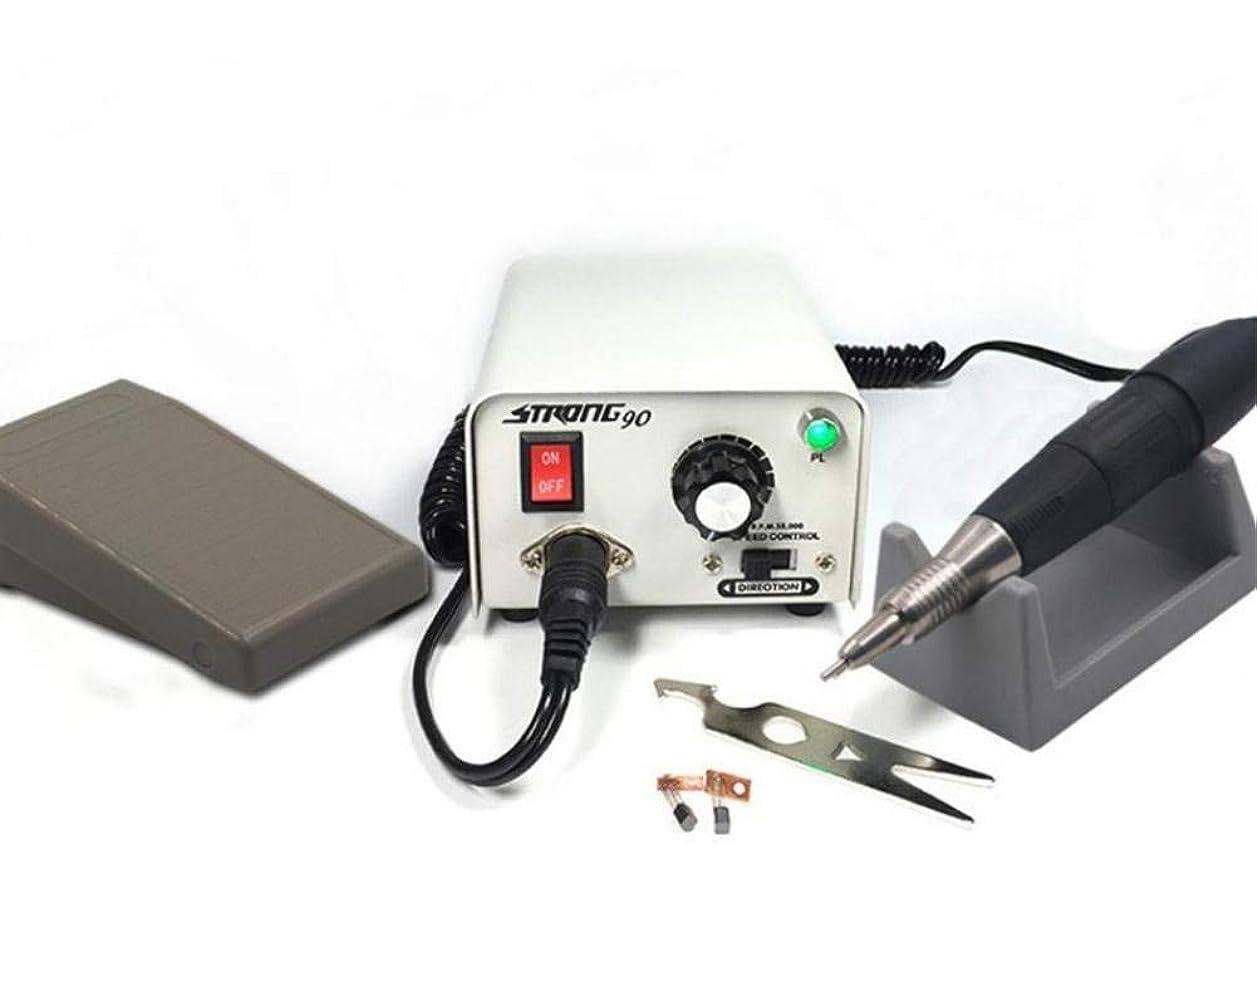 ウェイトレス行列フェザー電気ネイルドリル35000 rpmネイルアート彫刻機器マニキュアペディキュアマシンネイルファイルネイルポリッシャードリルビットアクセサリー